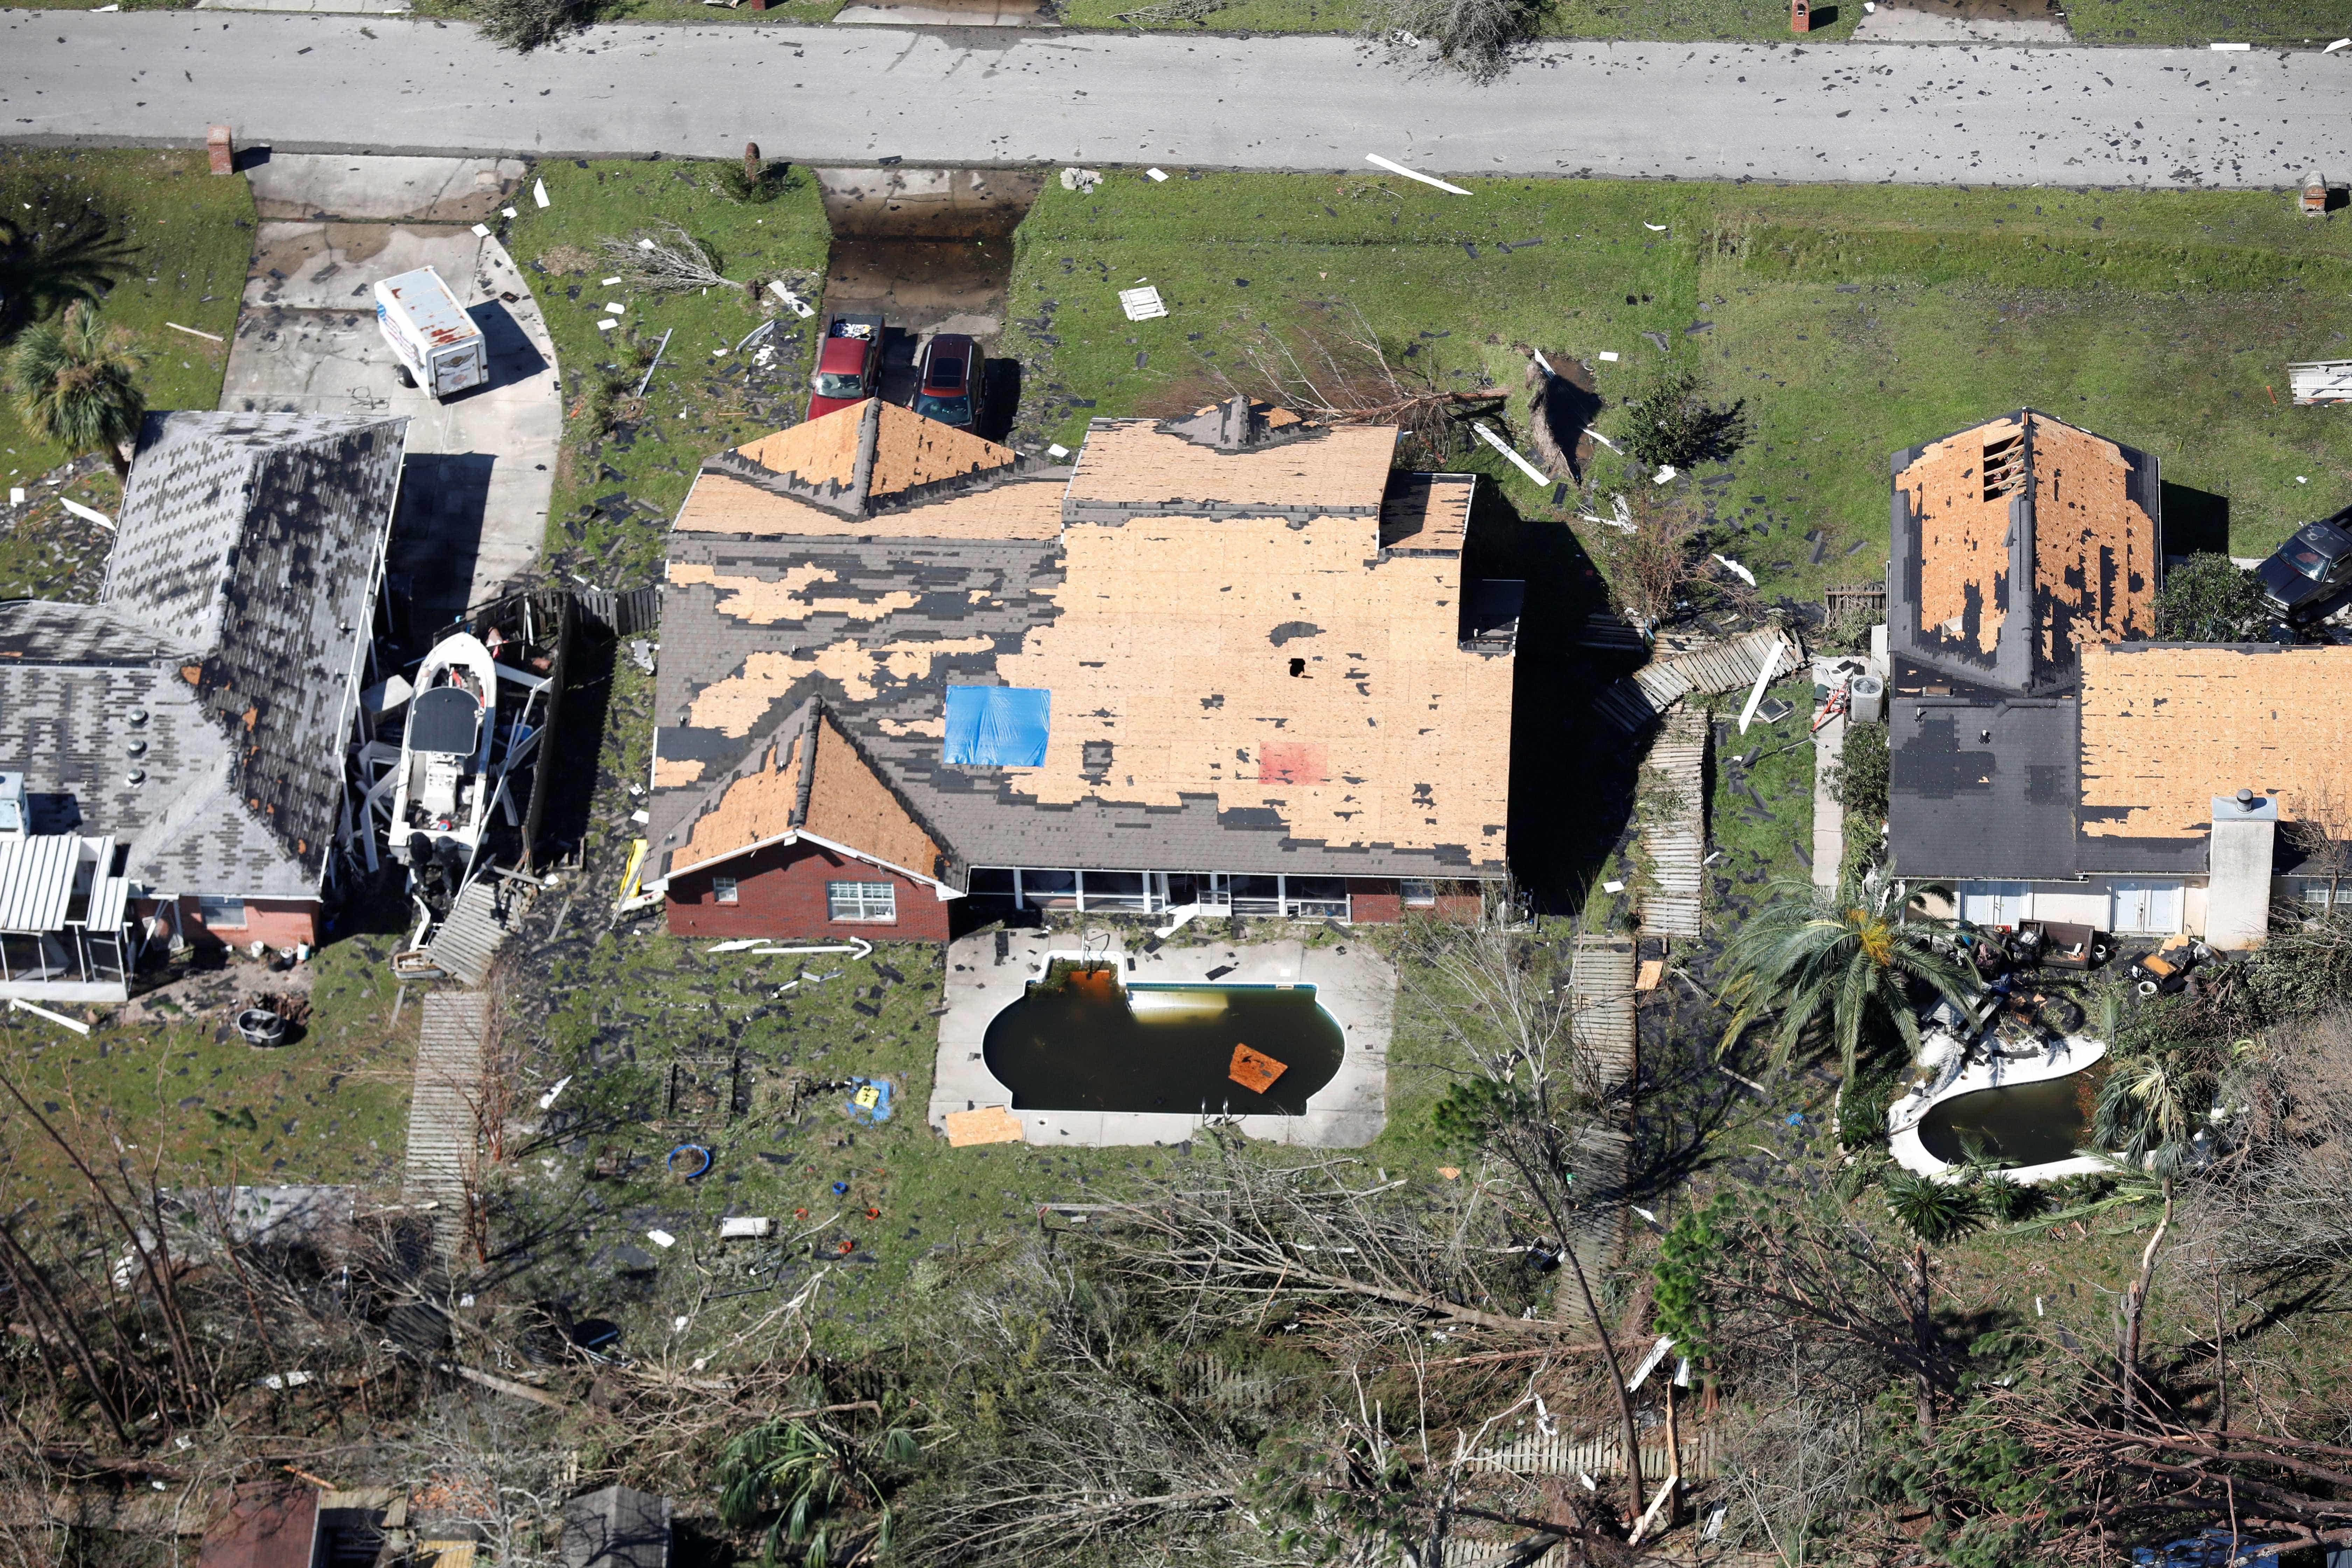 Brasileiros que vivem na Flórida têm casas danificadas por furacão